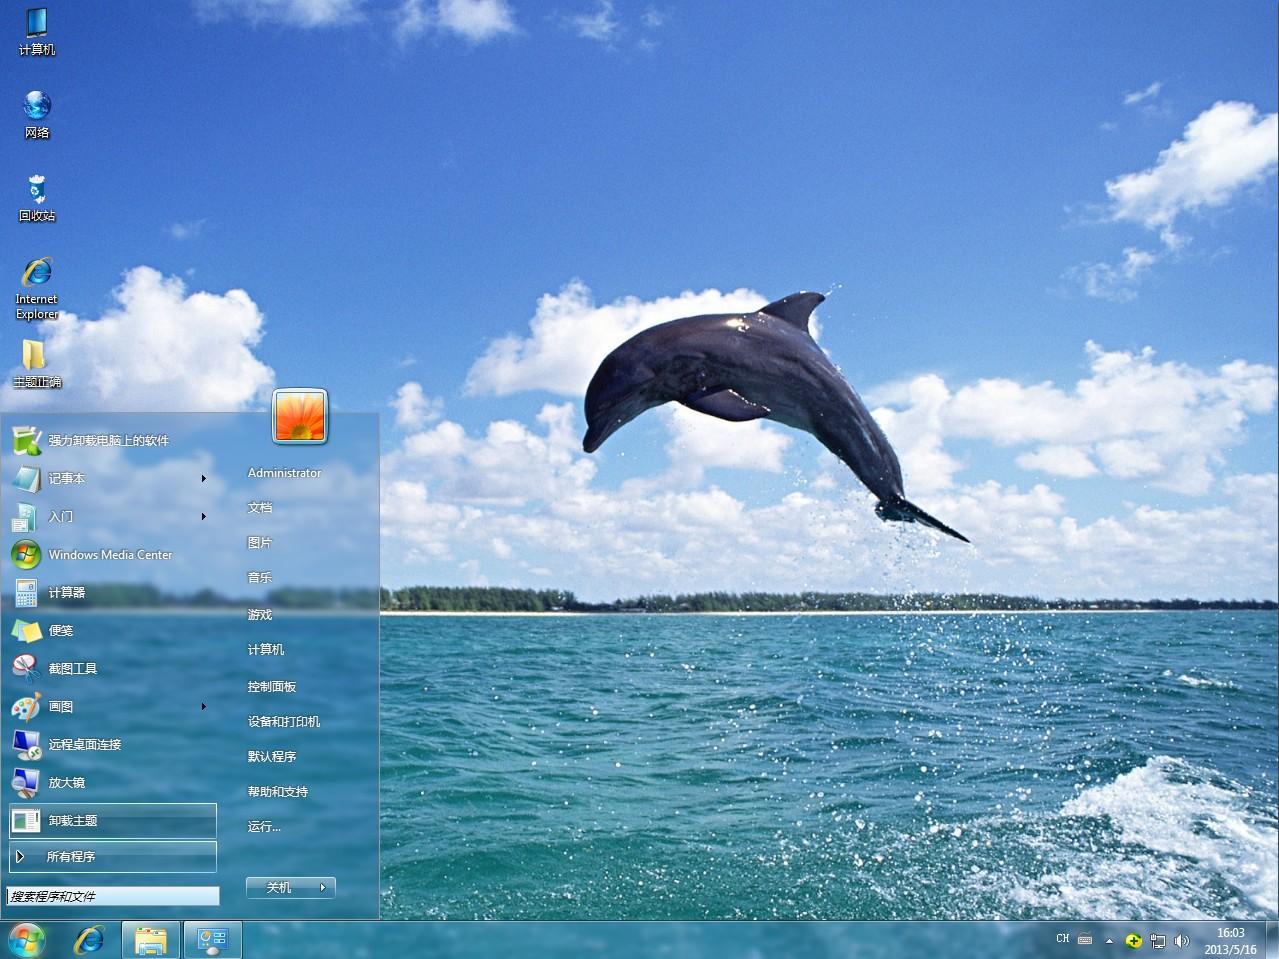 【win7主题】跳跃的海豚电脑主题